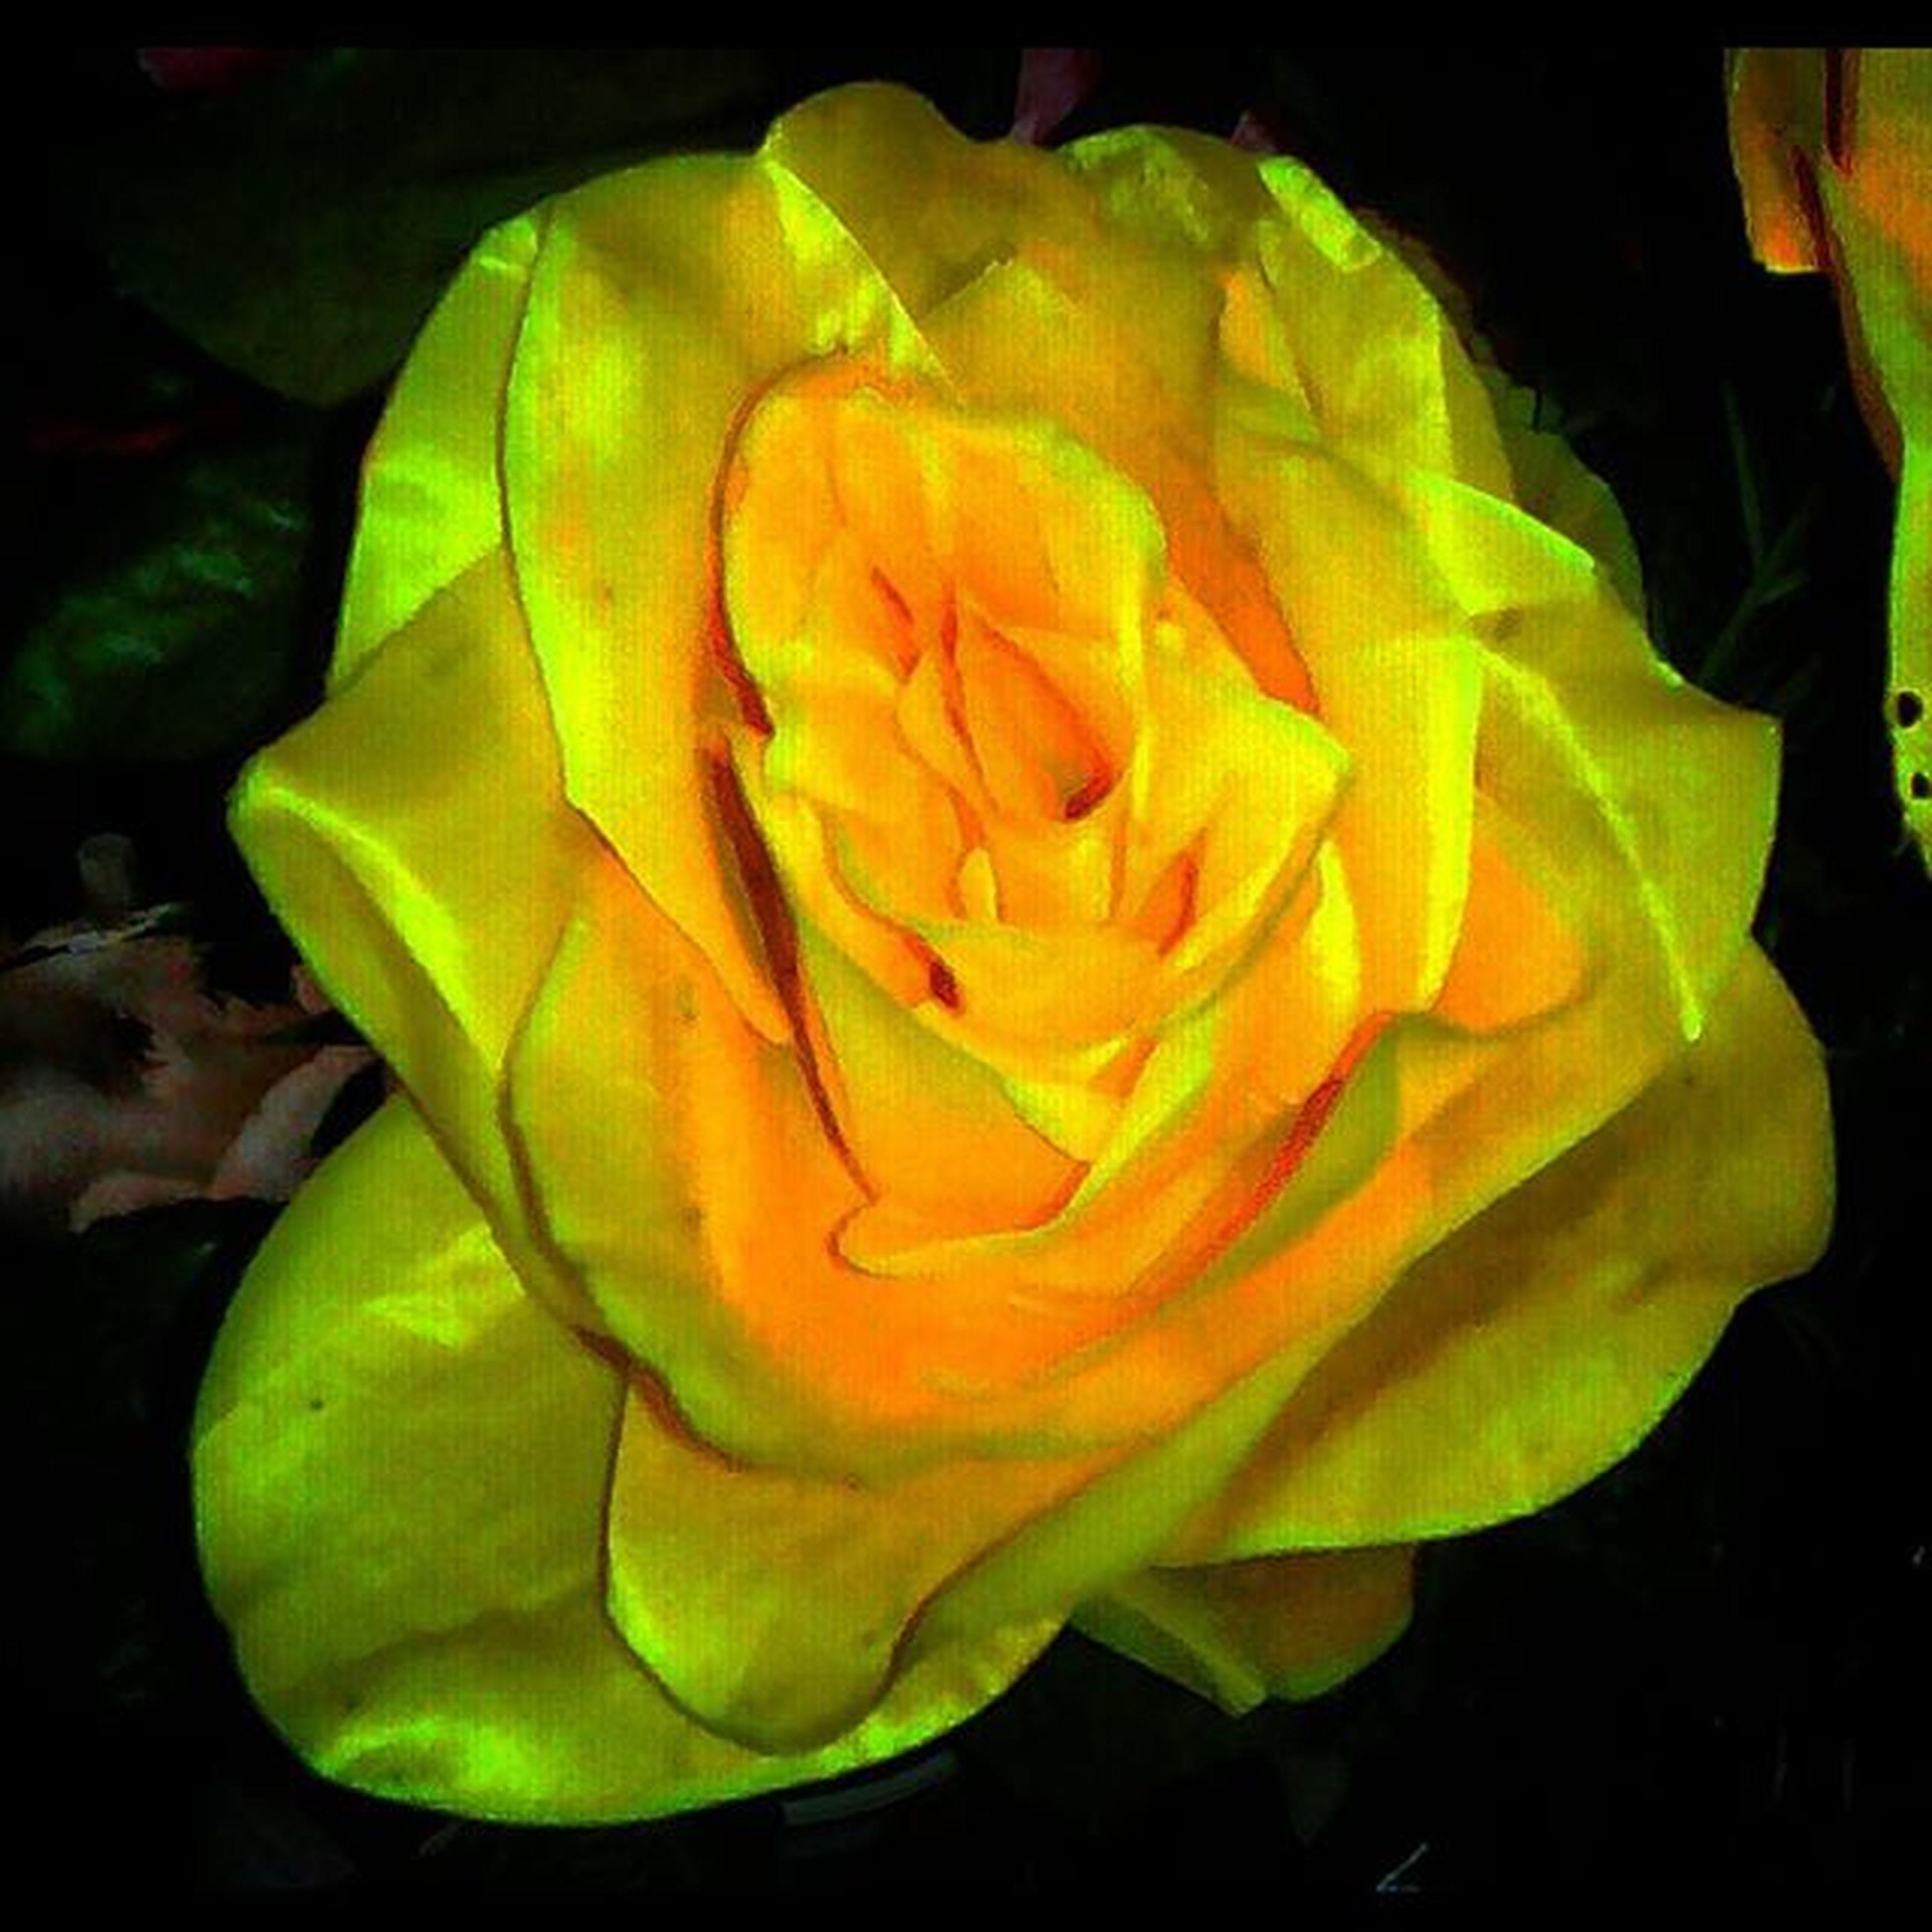 Squareinstapic анютиныглазки ЖелтаяРоза желтый БутонРозы YellowFlower YellowRose ButonRose Цветочки ЦветочныйХаос ЦветочныйХалат ЦветочныйХэштег